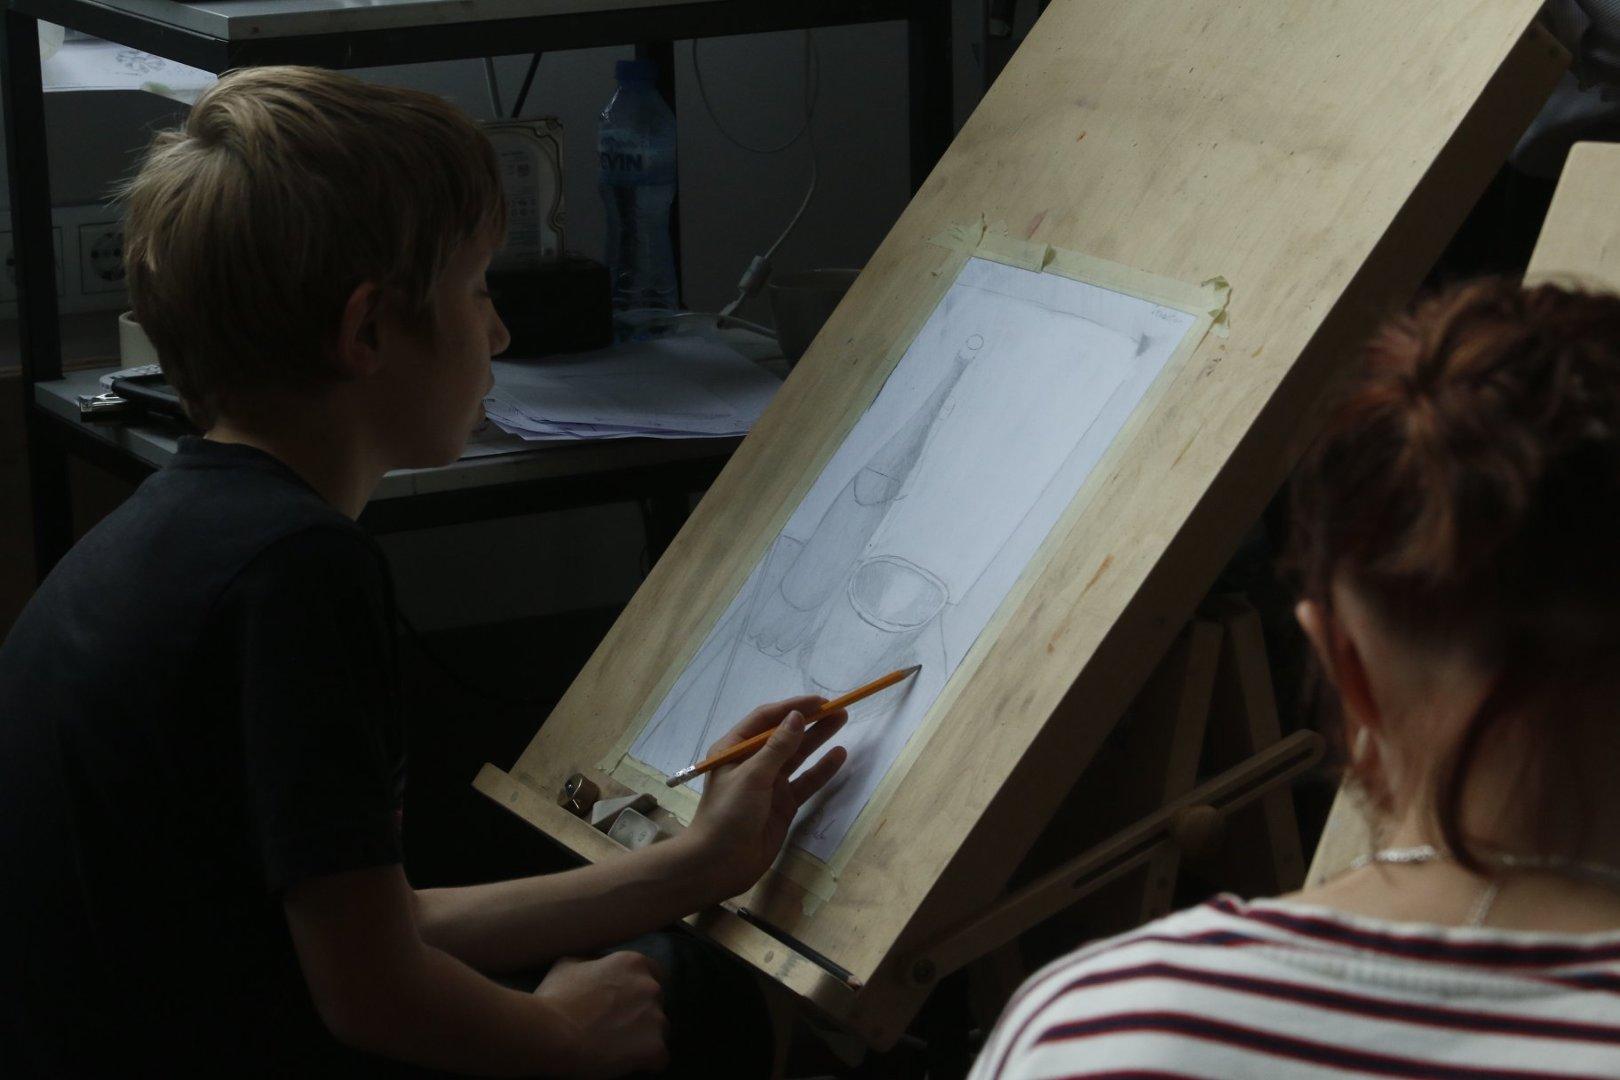 Aapo Puki Lastekunstikooli grupp vanusele 11-14